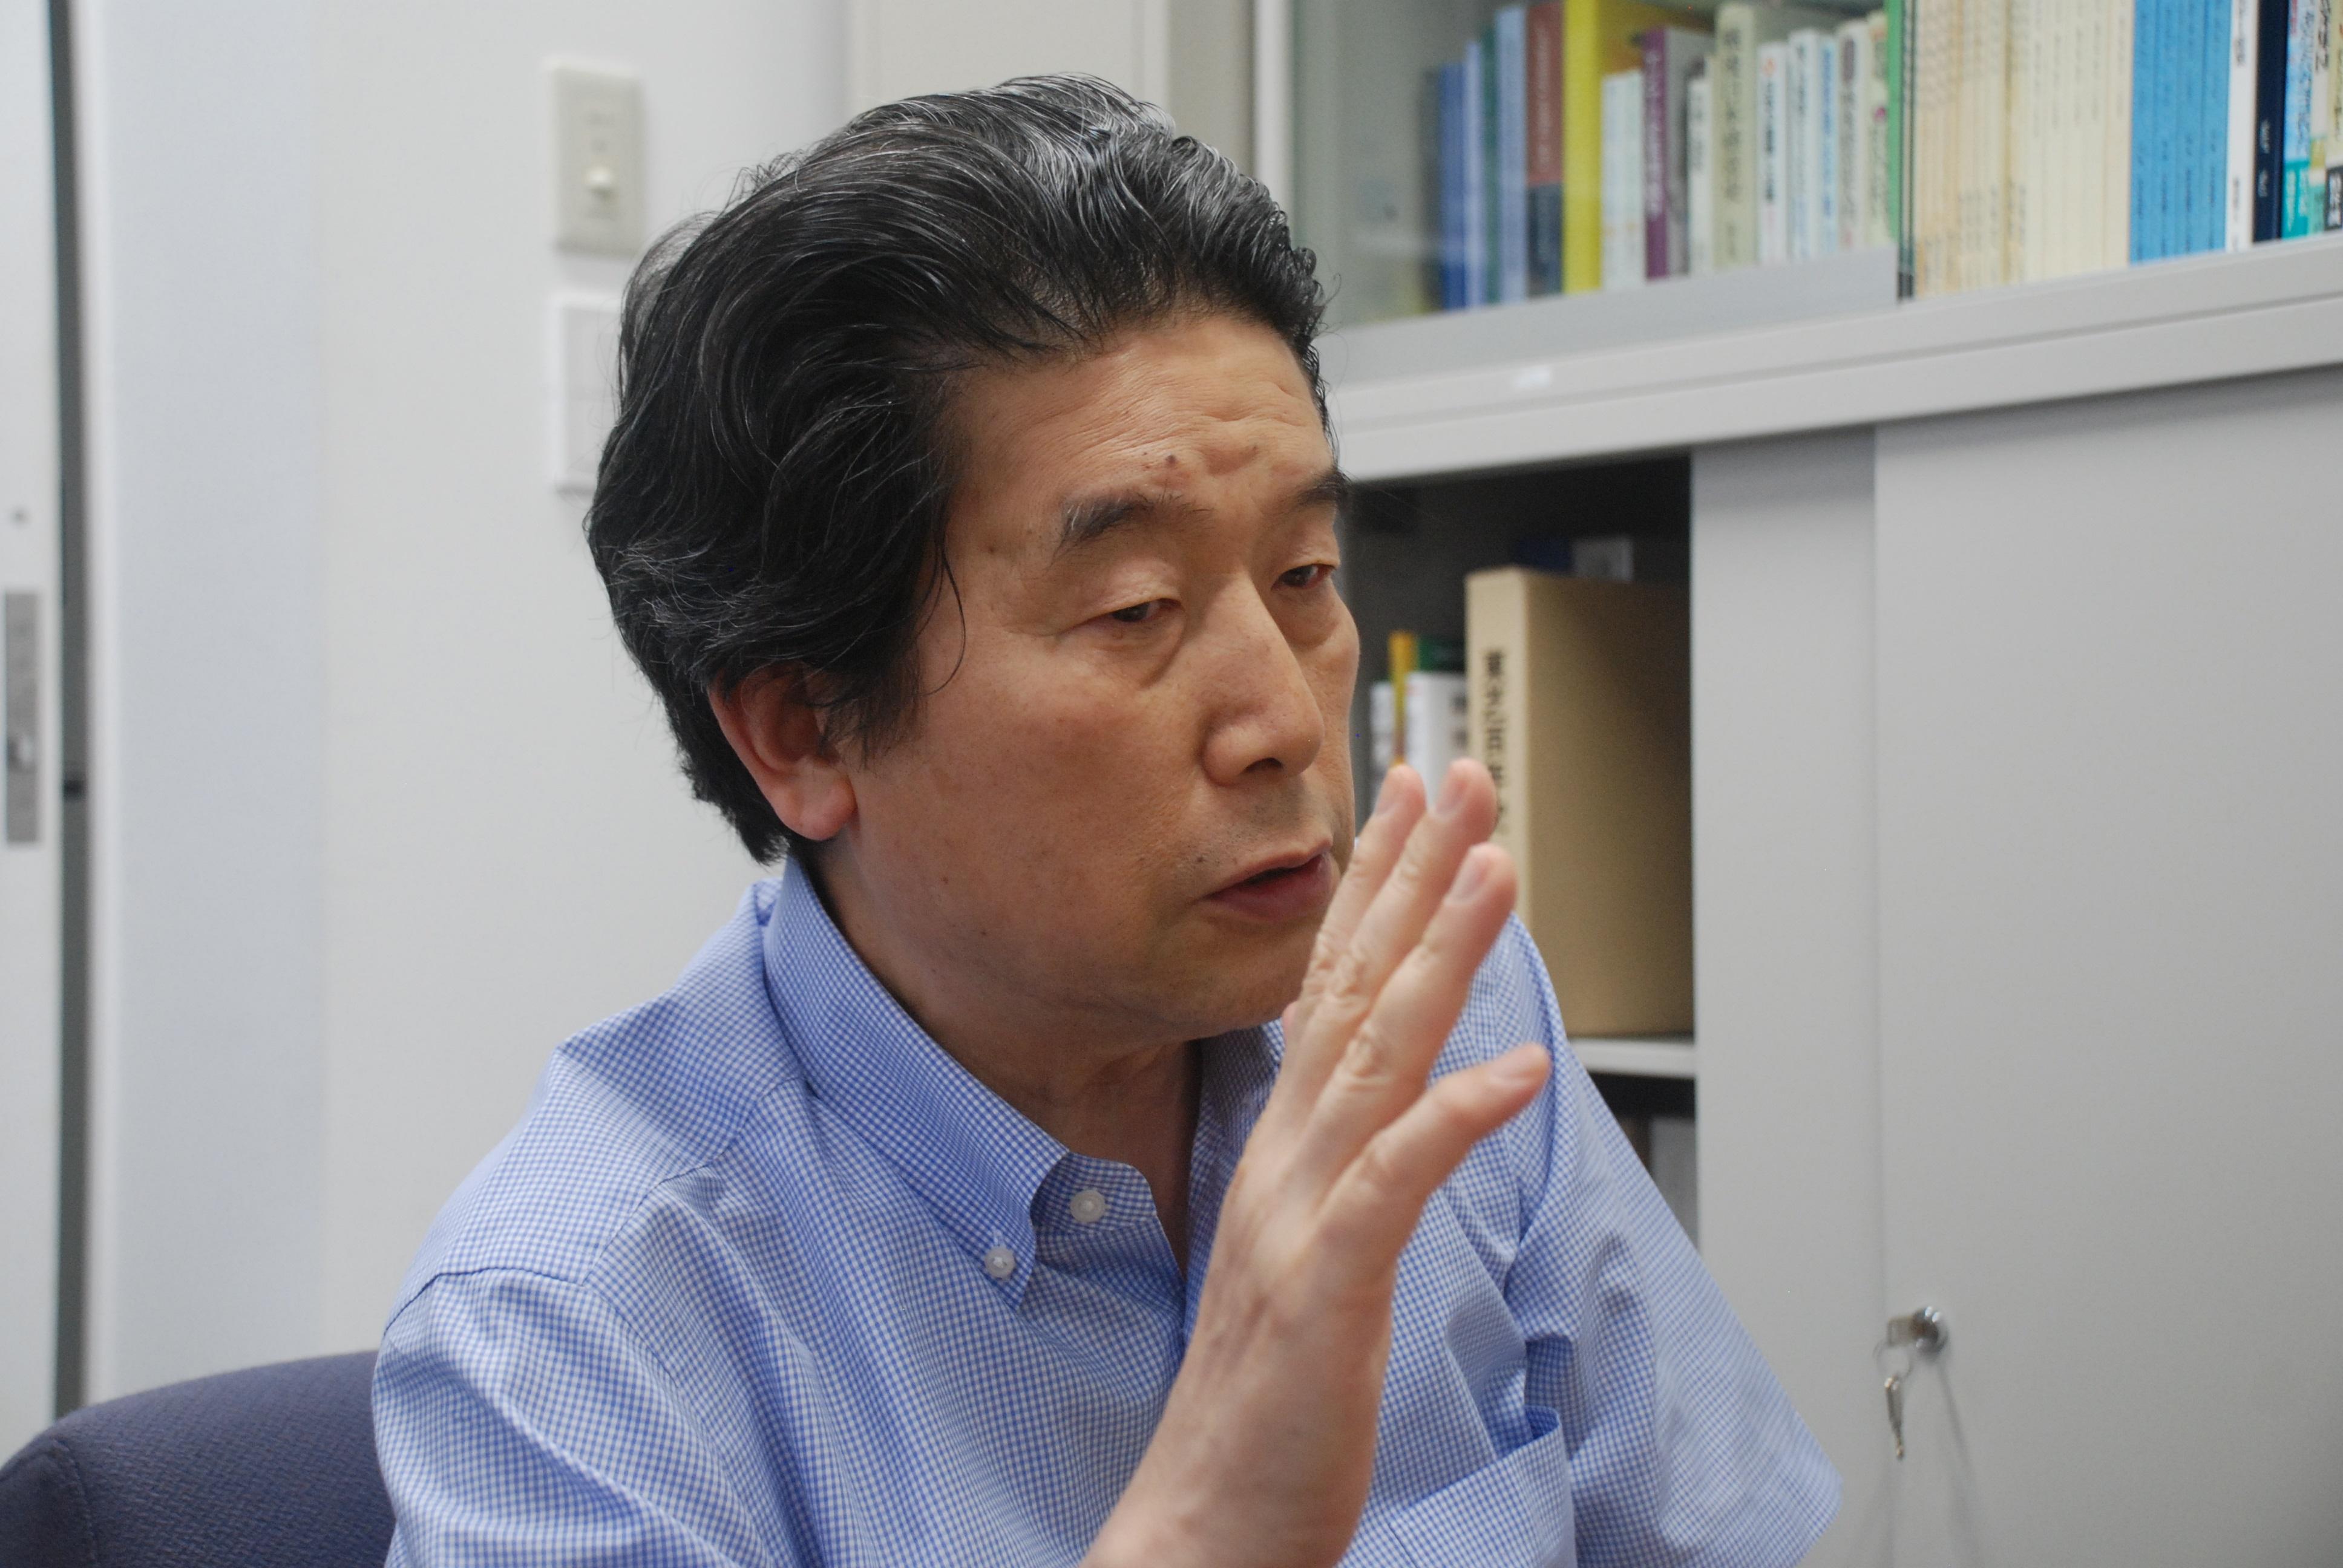 【石油業界とM&A】欧米メジャーの日本市場撤退が意味するものとは